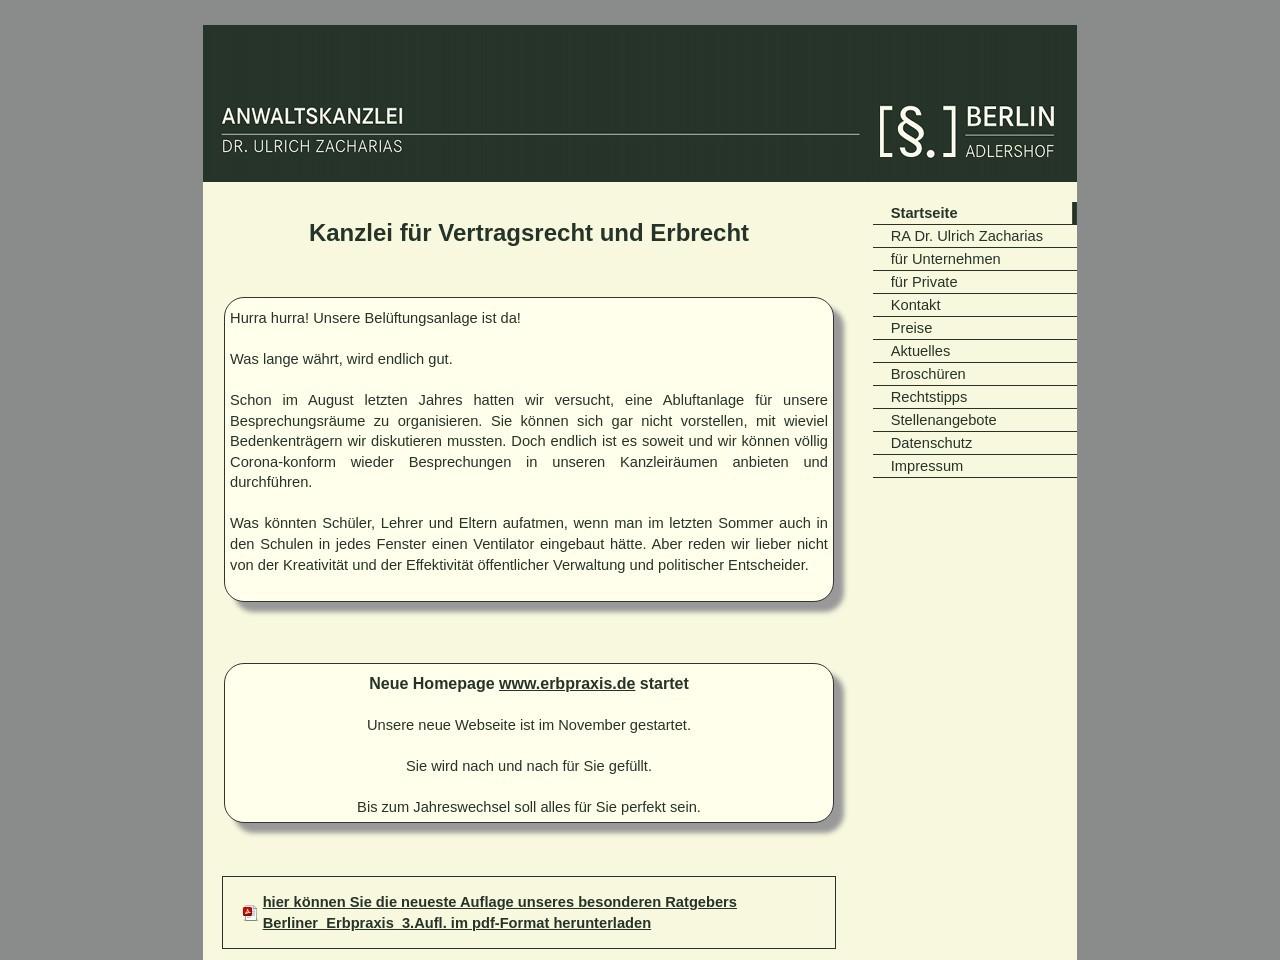 Anwaltskanzlei Dr. Ulrich Zacharias